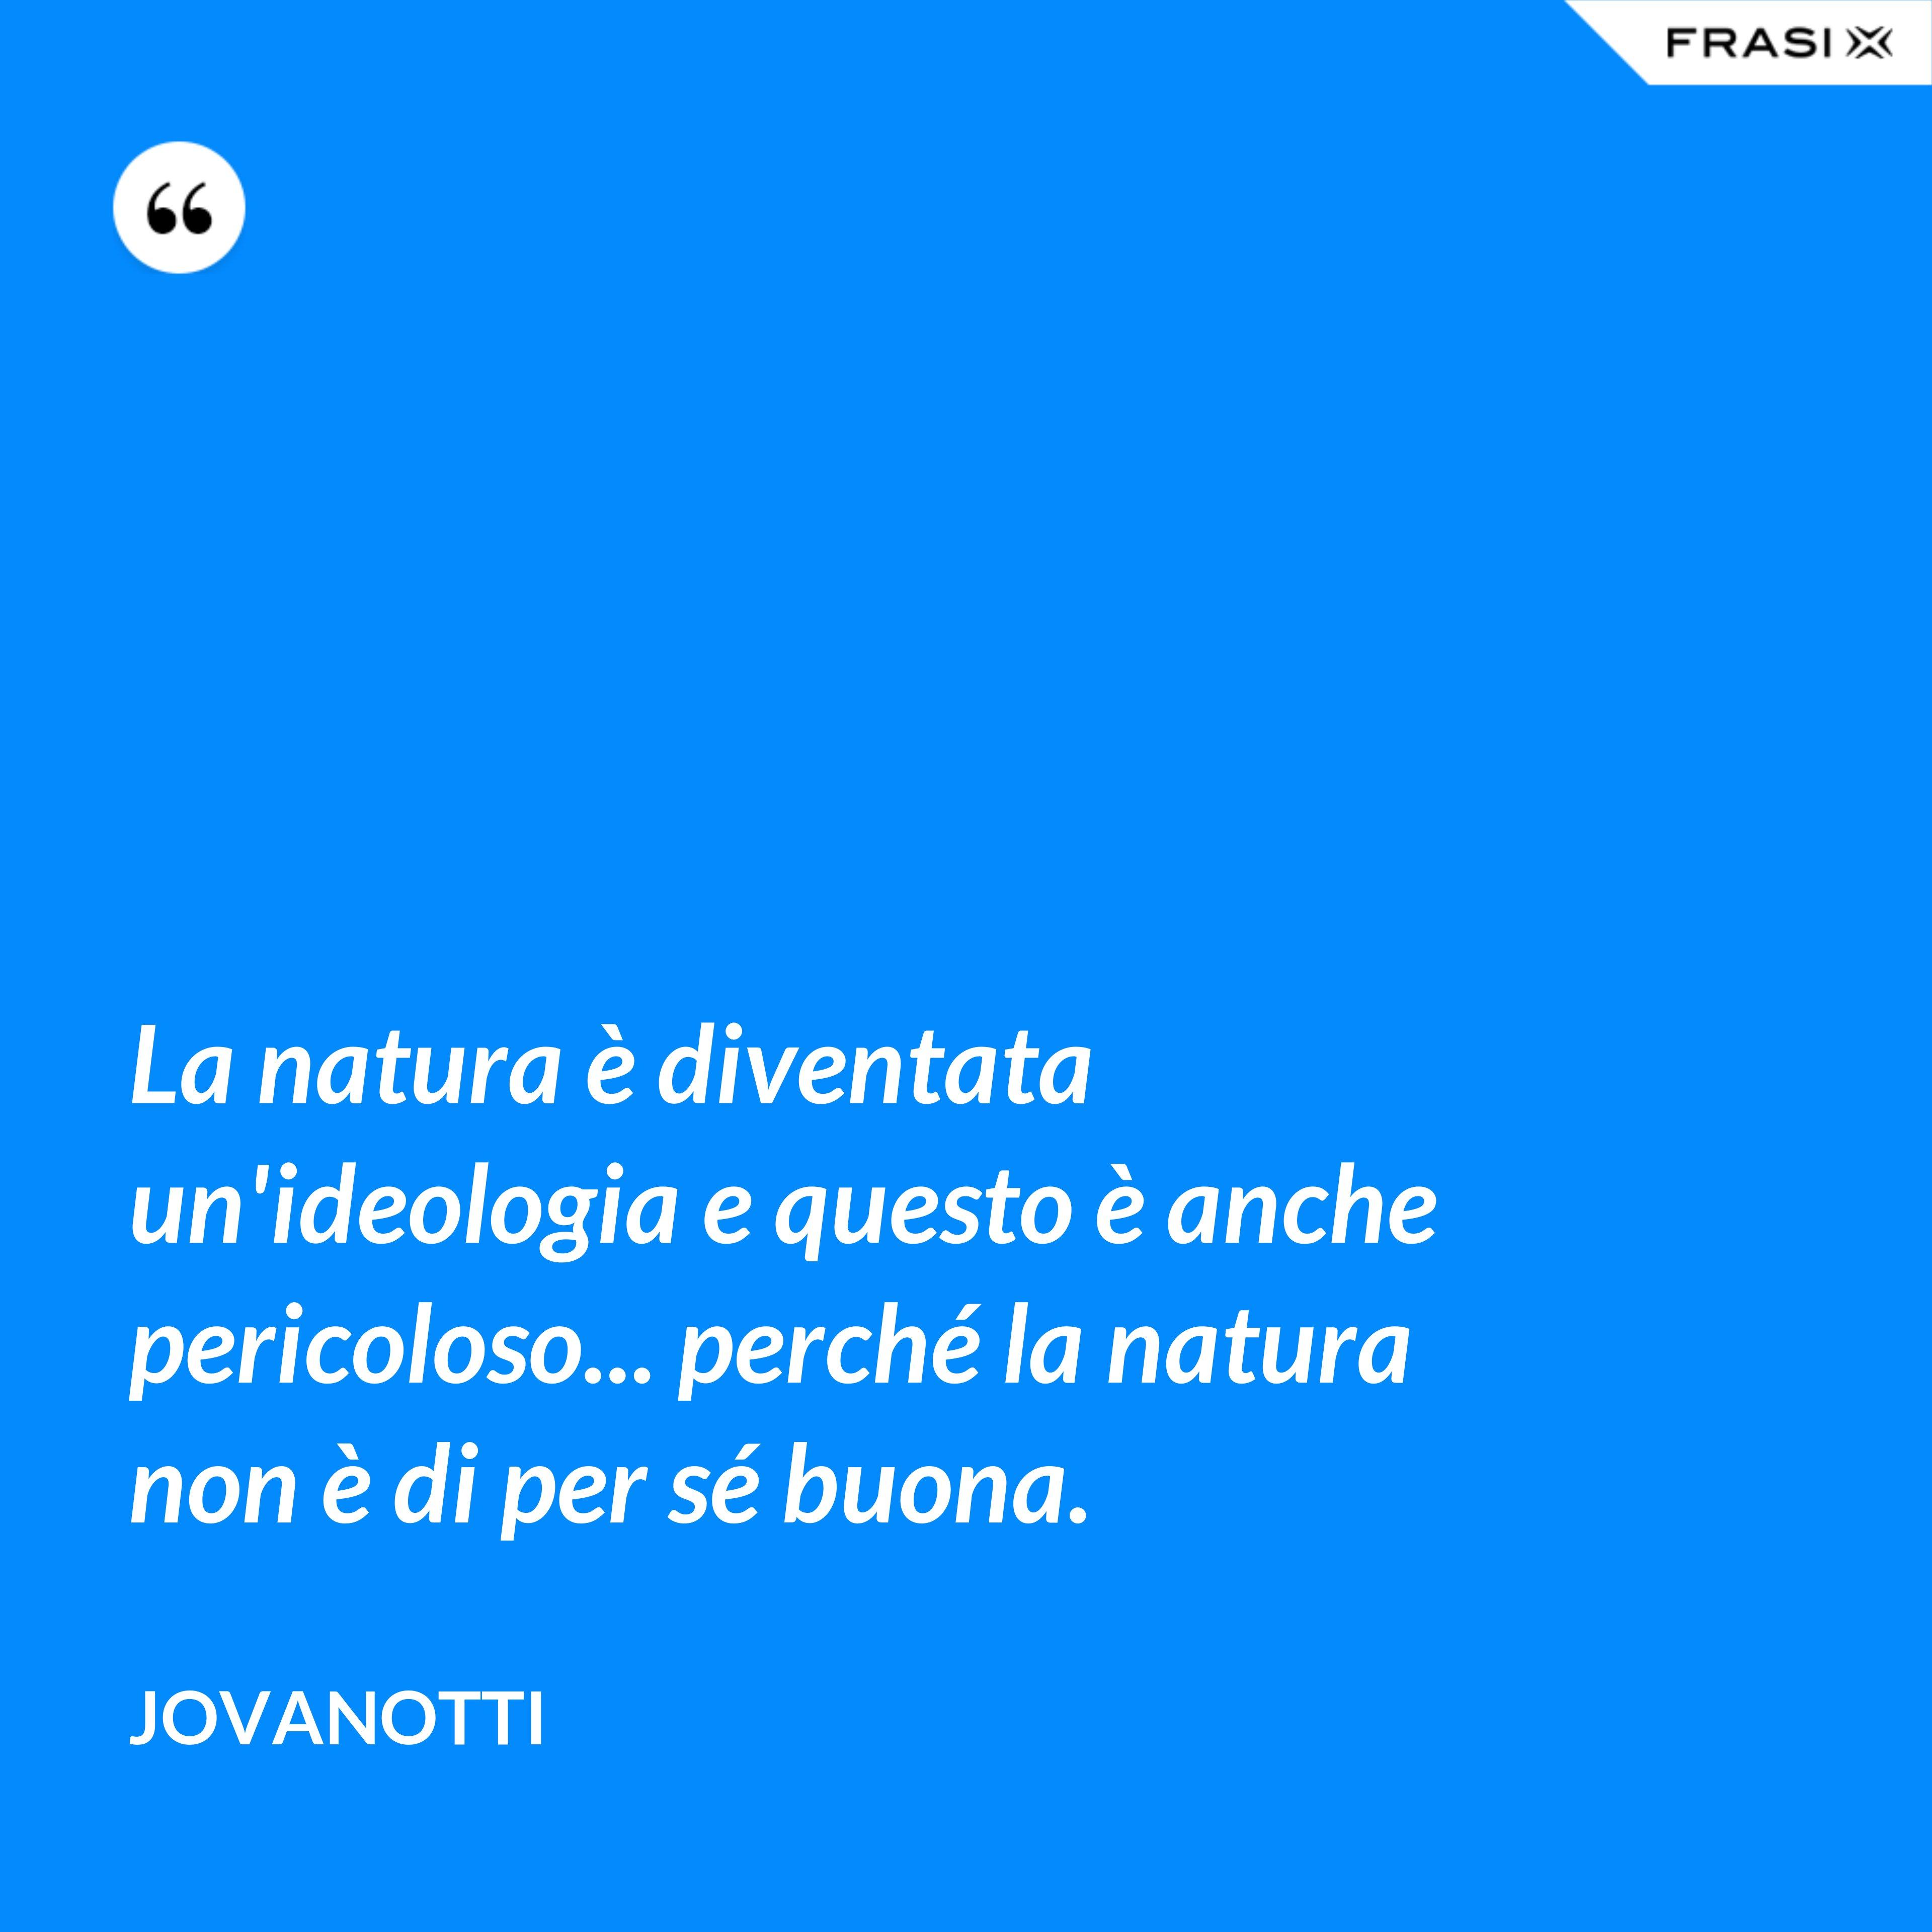 La natura è diventata un'ideologia e questo è anche pericoloso... perché la natura non è di per sé buona. - Jovanotti